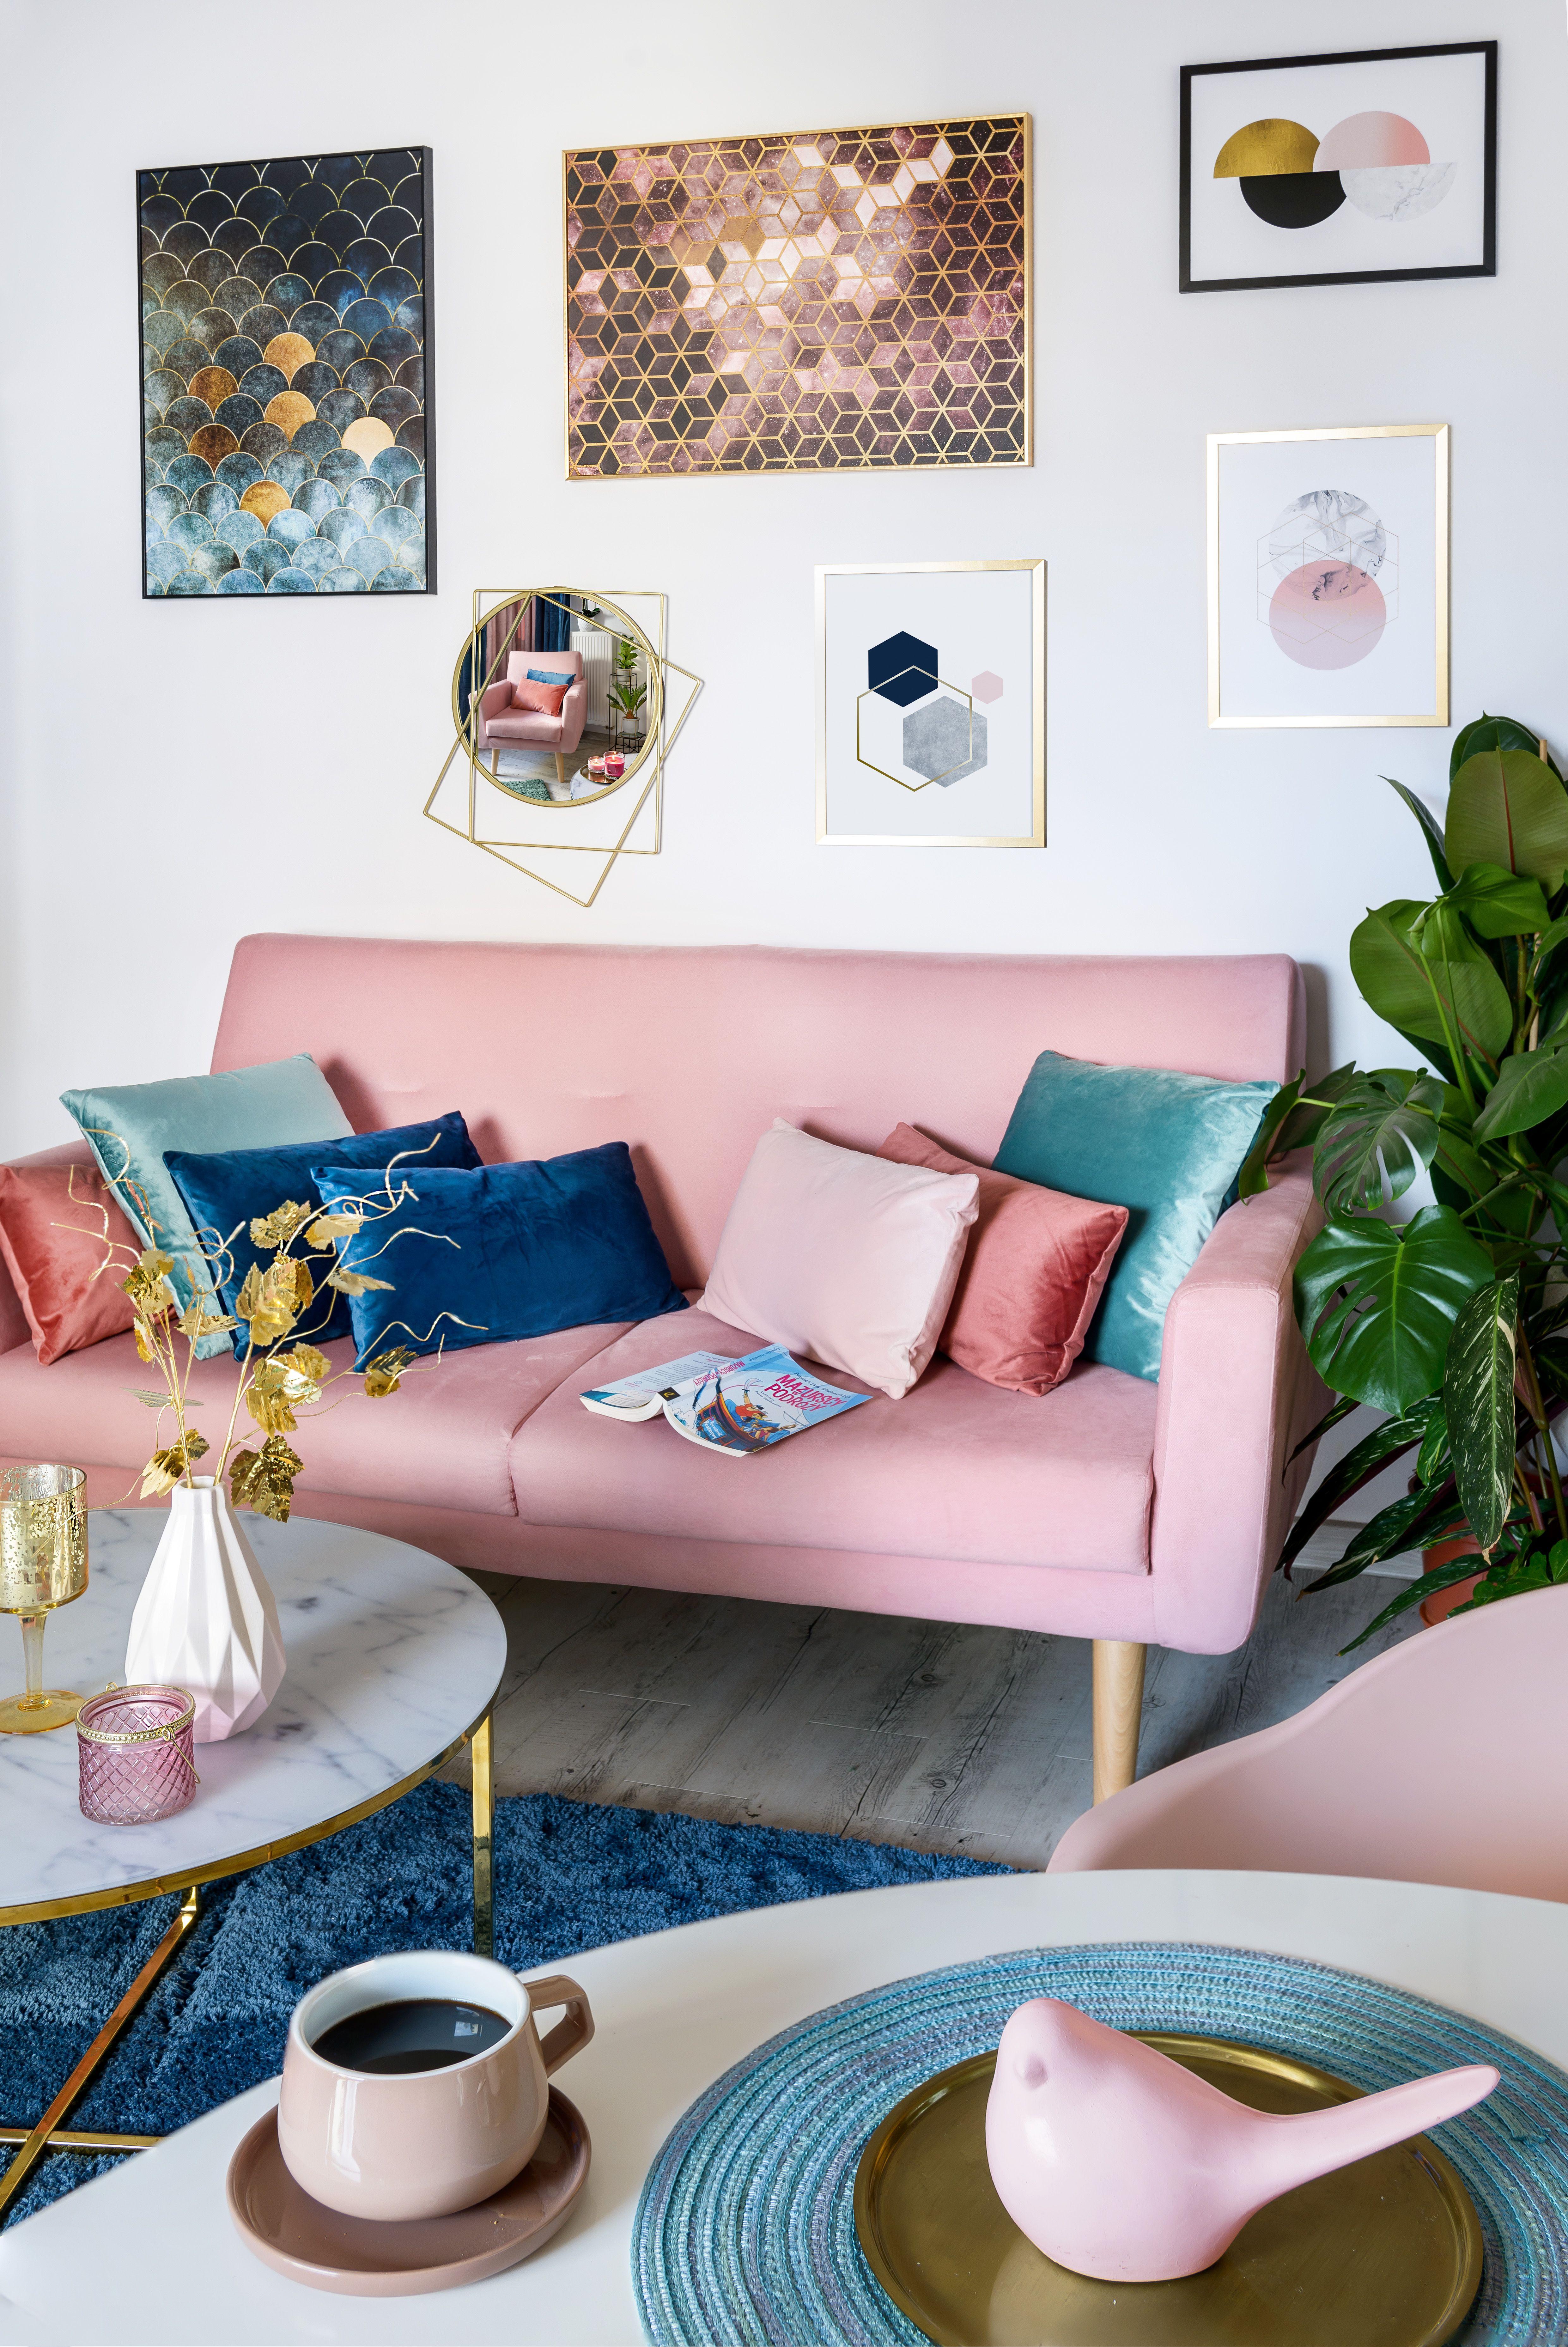 Leroymerlin Leroymerlinpolska Dlabohaterowdomu Domoweinspiracje Salon Dywan Poduszki Dekoracje Obrazy Ramki Boho Love Seat Home Decor Decor